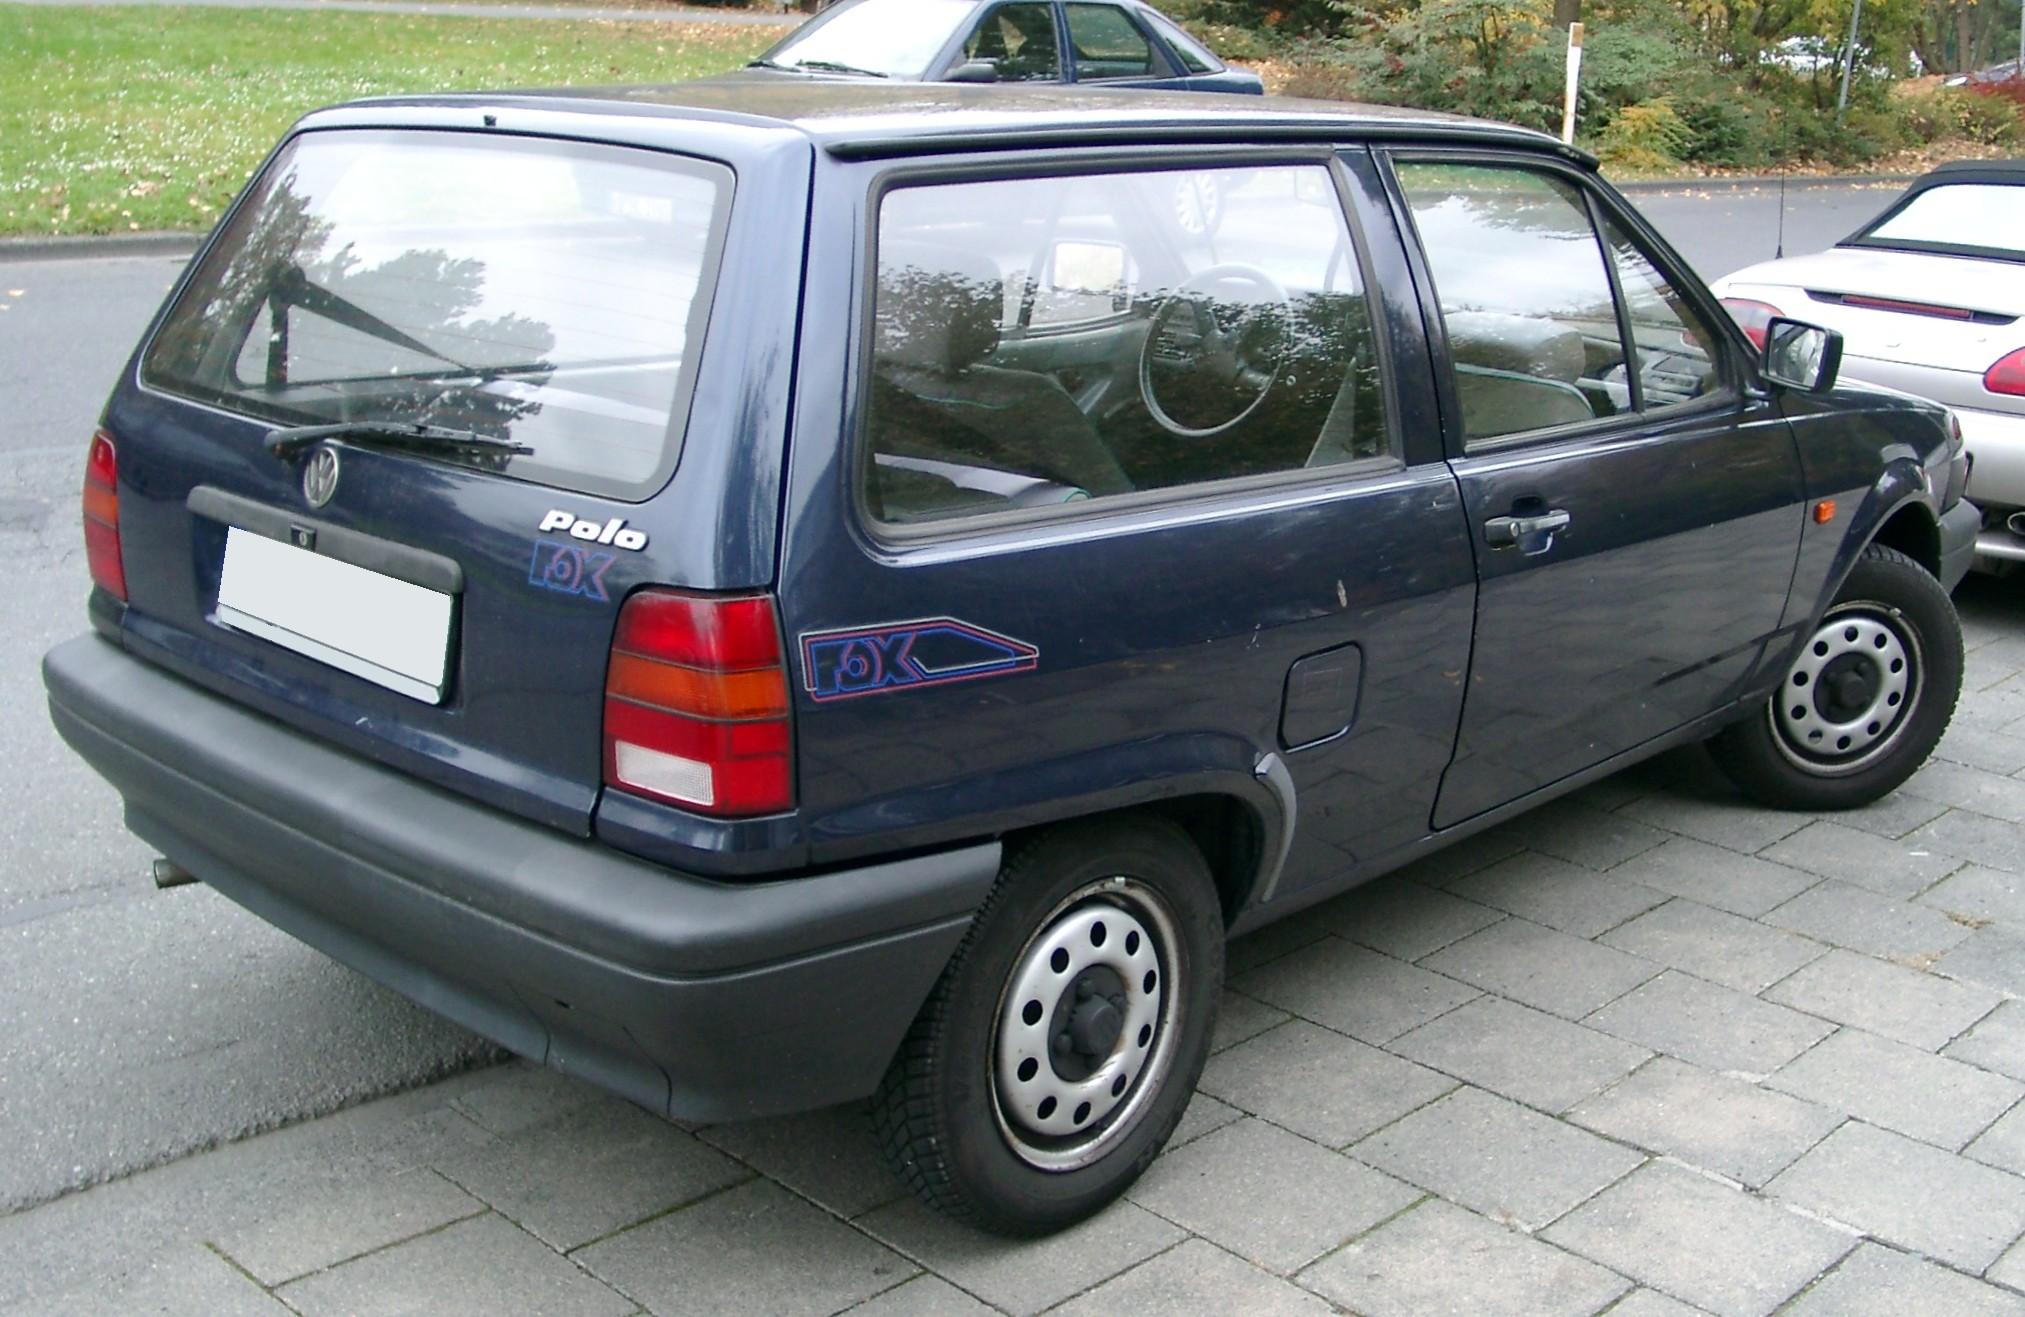 File:VW Polo 2 rear 20071026.jpg - Wikimedia Commons